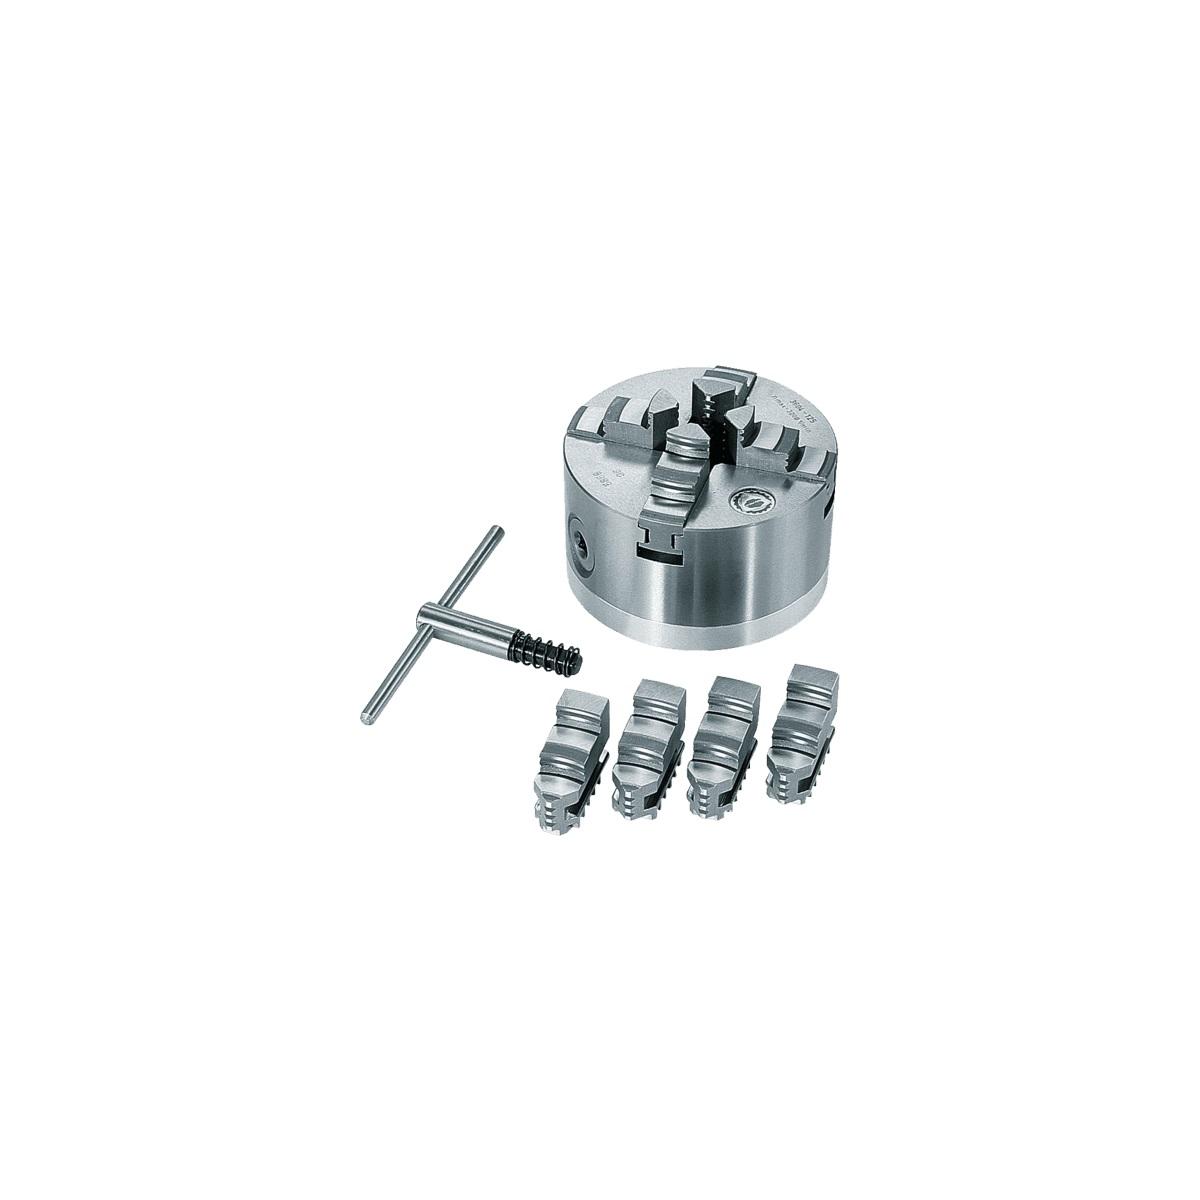 Scheppach čtyřčelisťové sklíčidlo 125 mm (4ks)